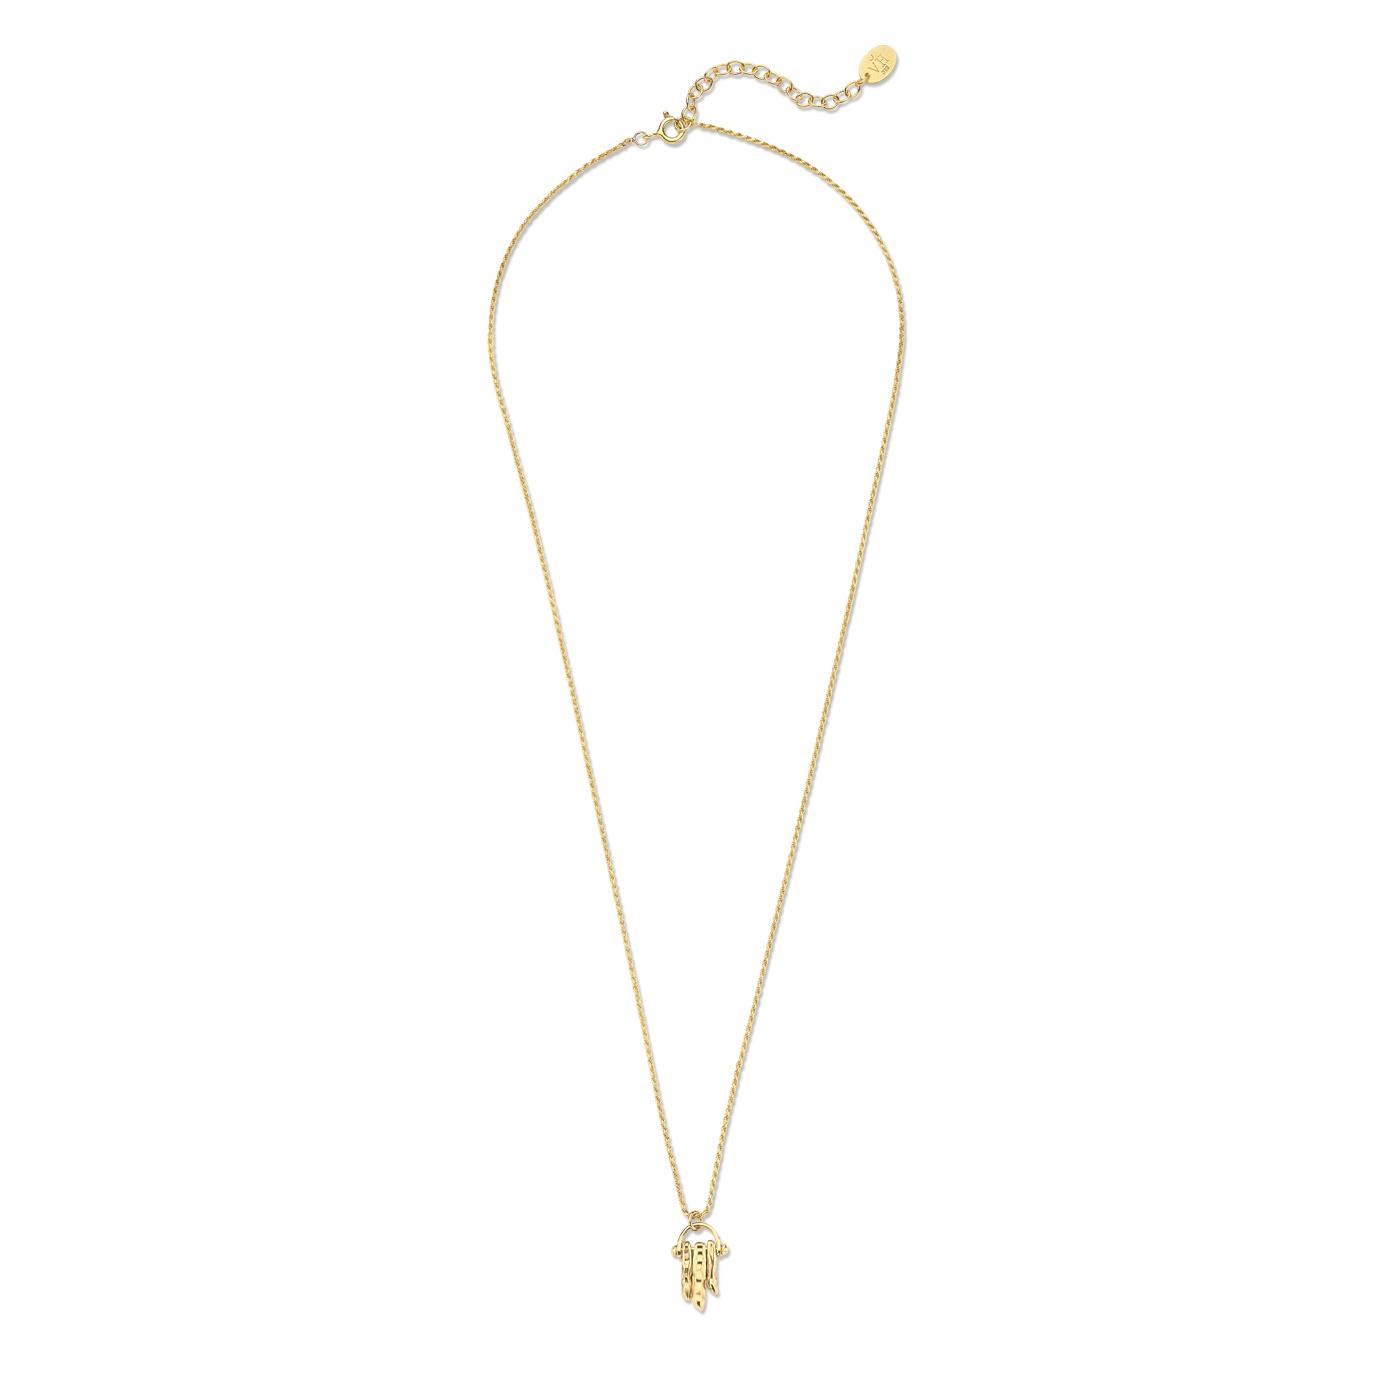 Violet Hamden Sisterhood Solid beguldfärgad halsband i 925 sterlingsilver